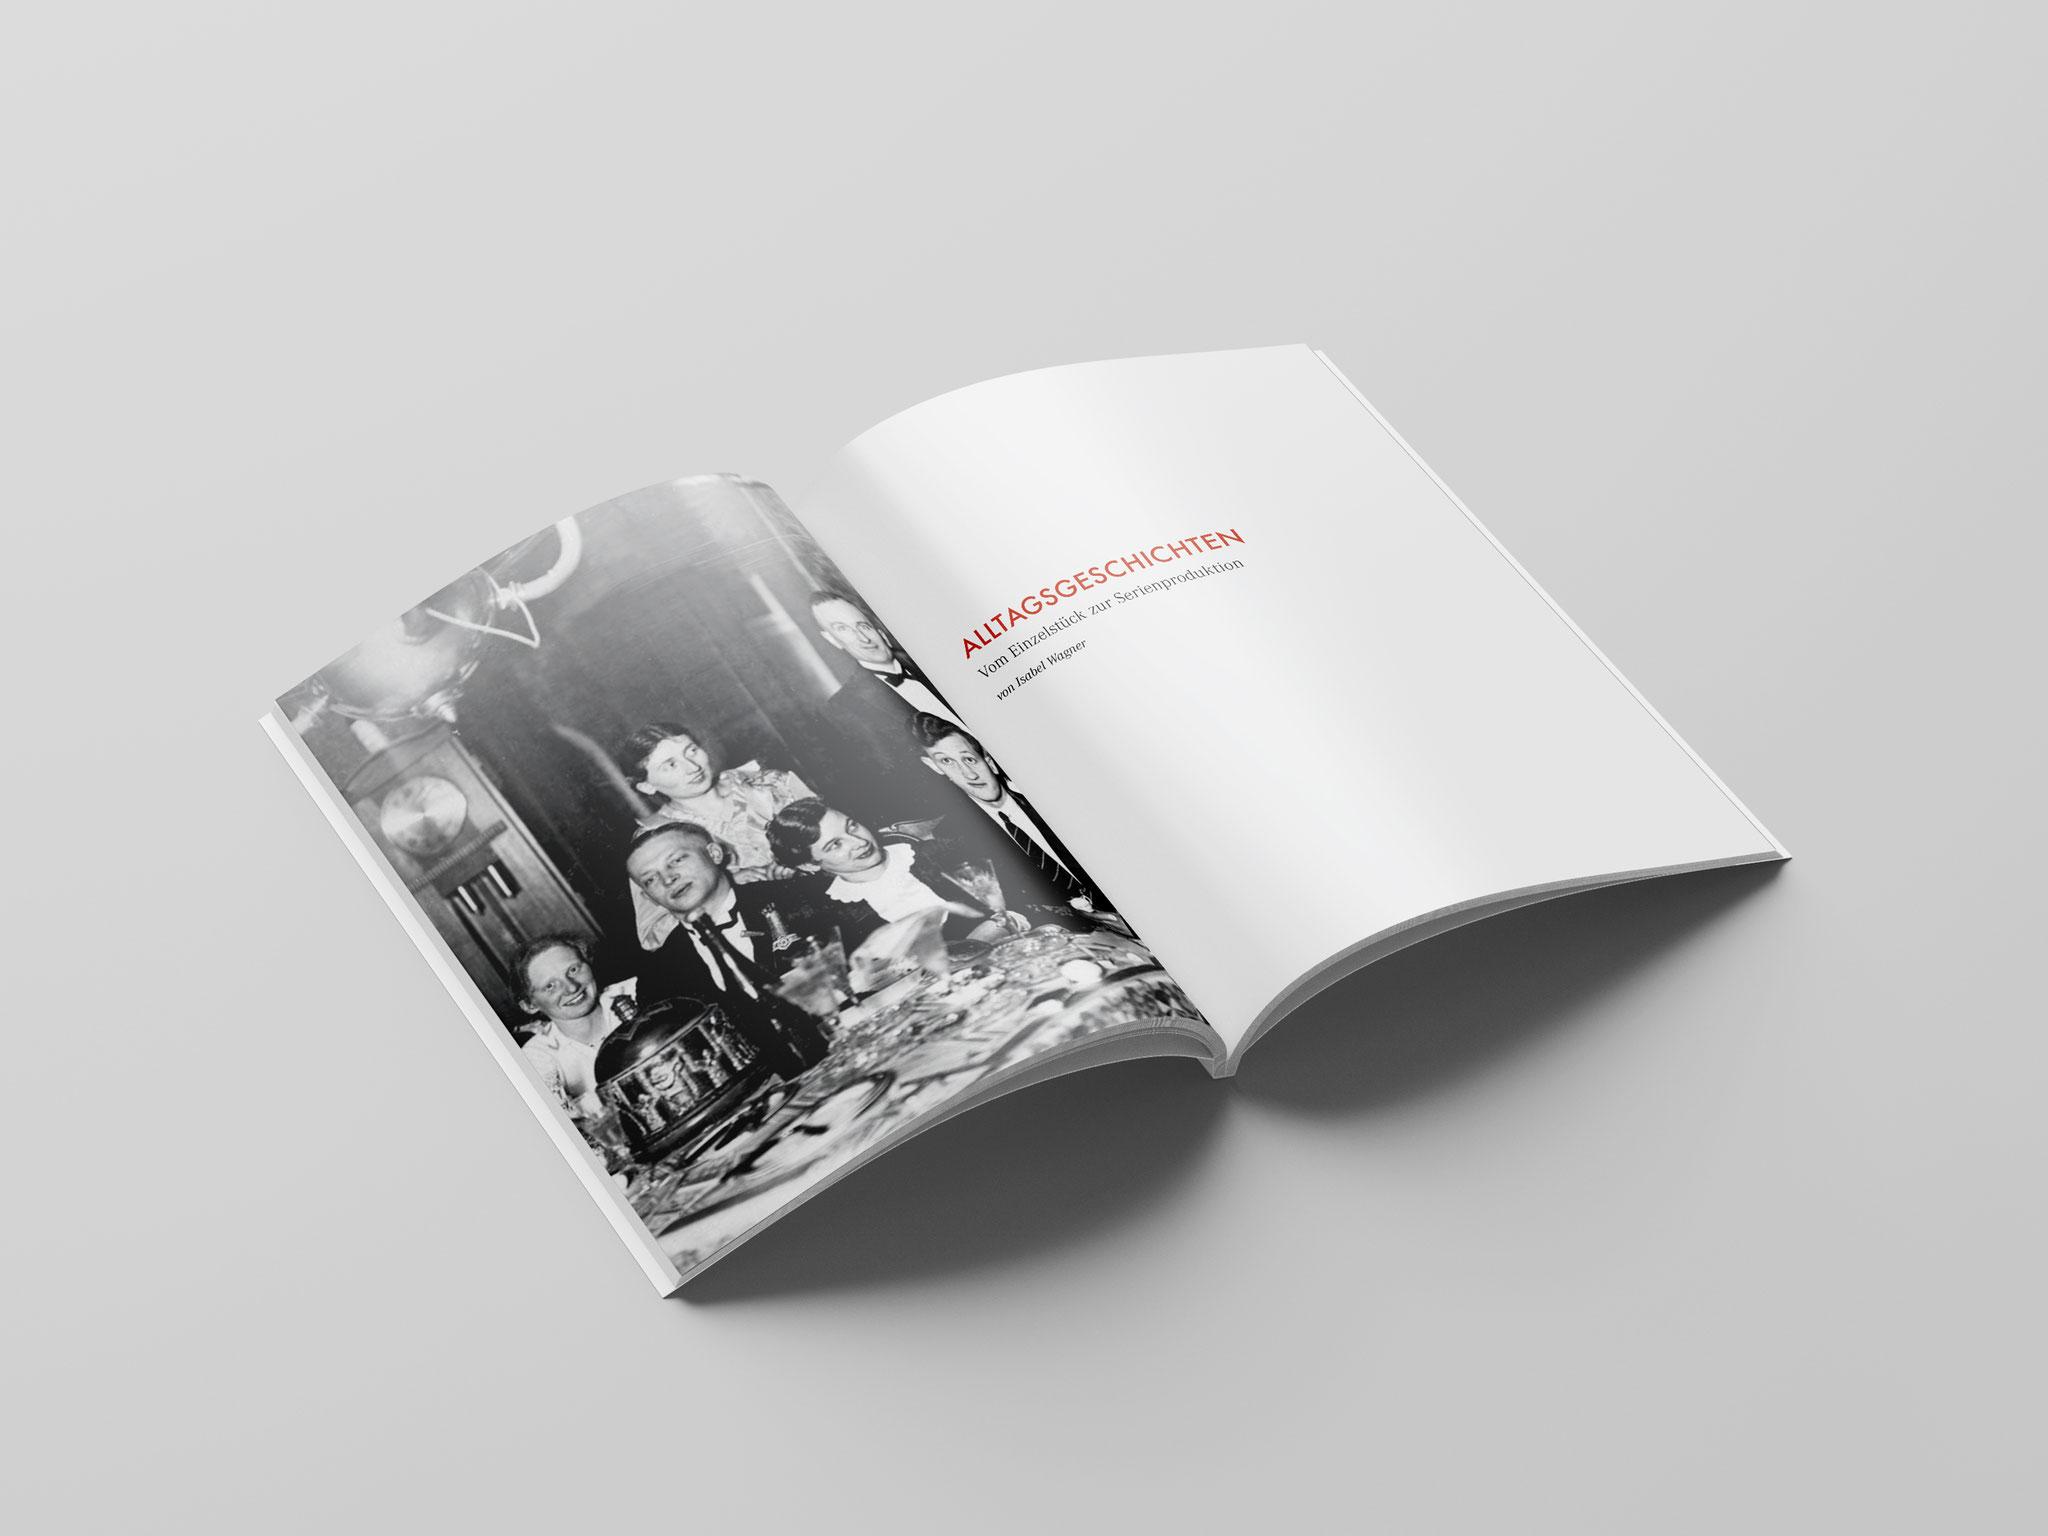 Katalog zur Ausstellung Art Déco aus der Provinz, Doppelseite innen